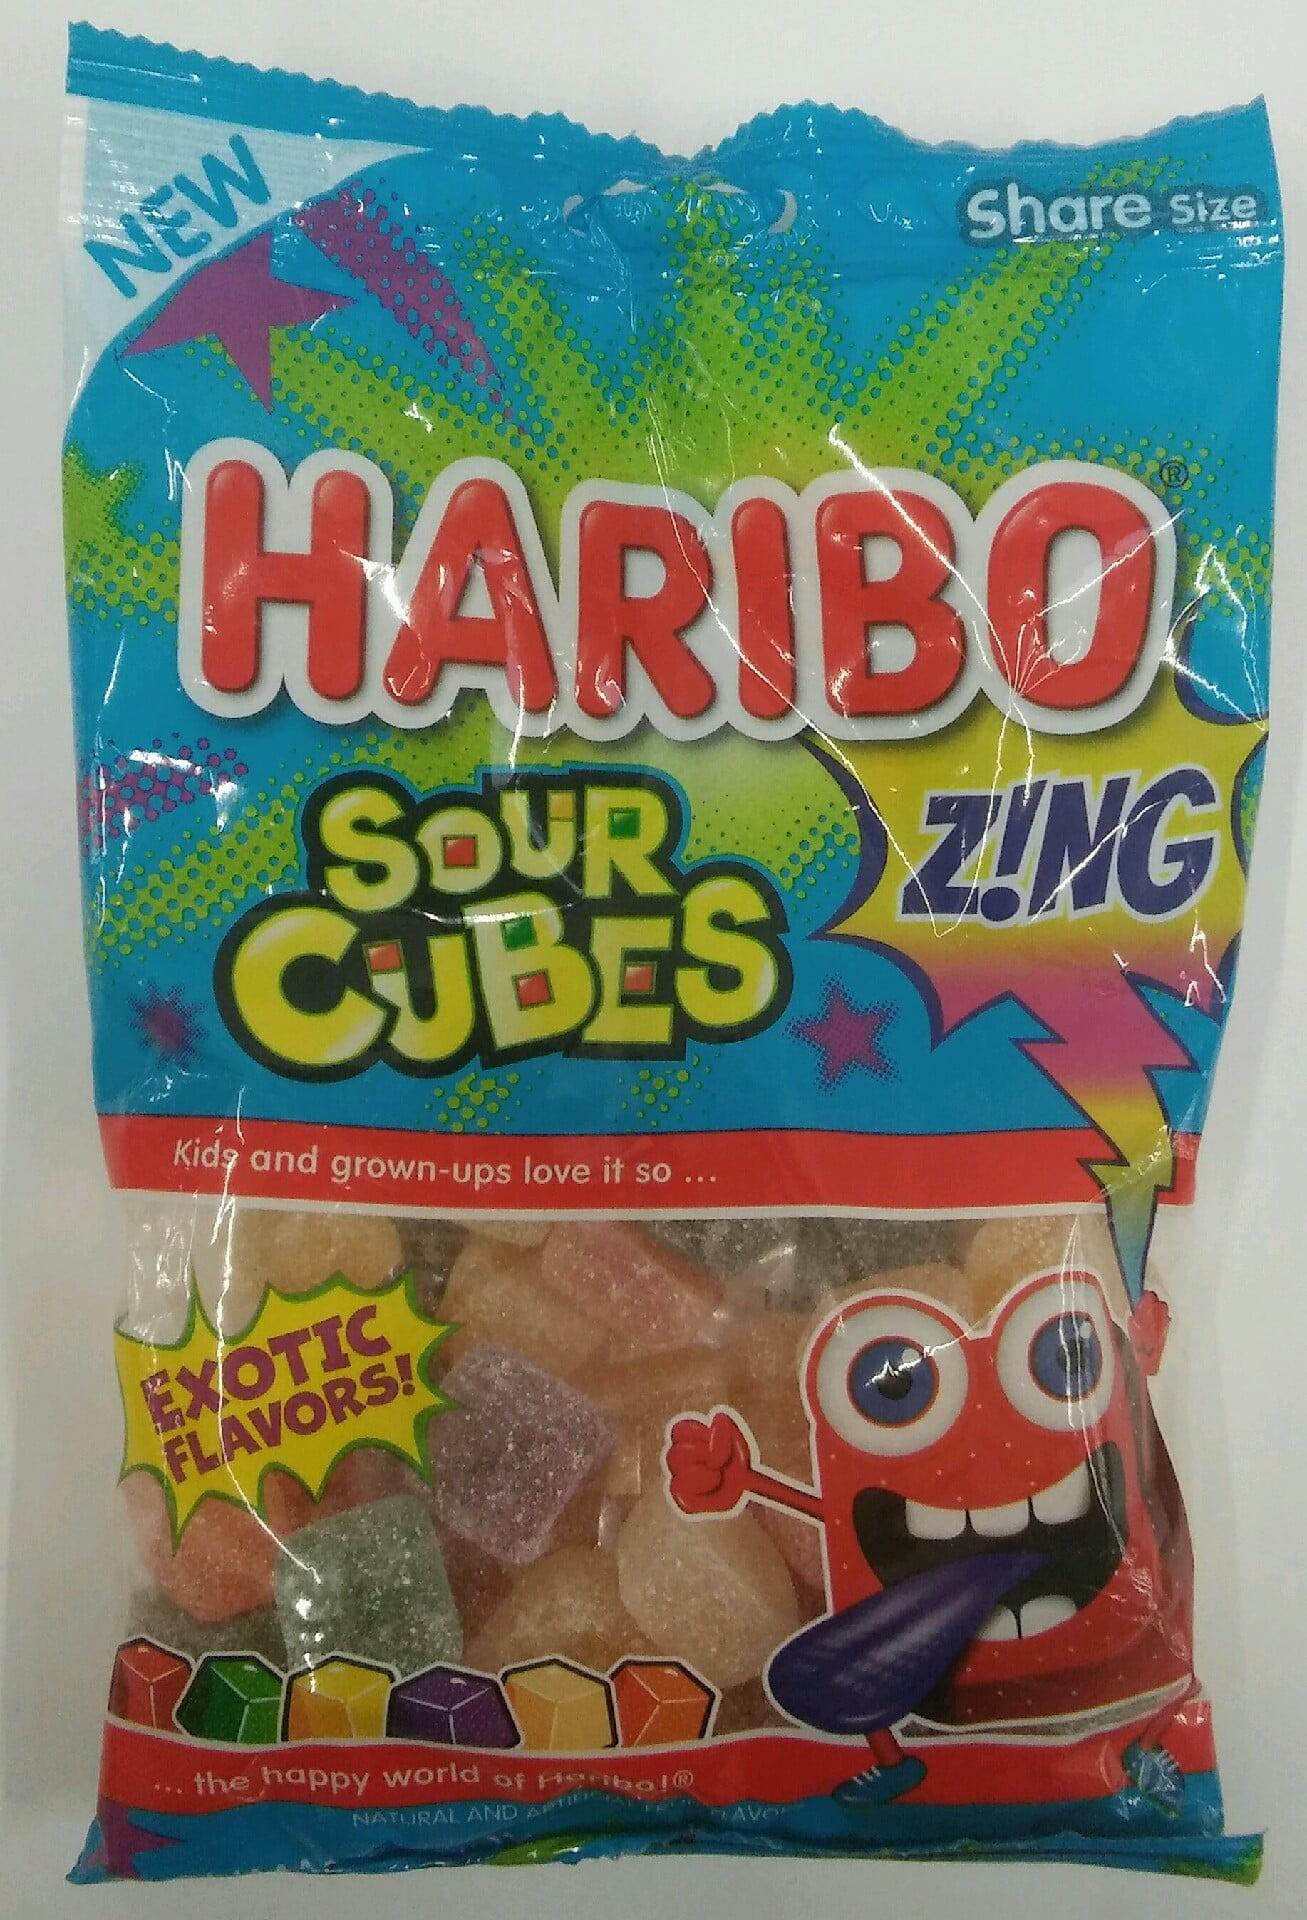 Haribo Sour Cubes, 7.2 Oz.